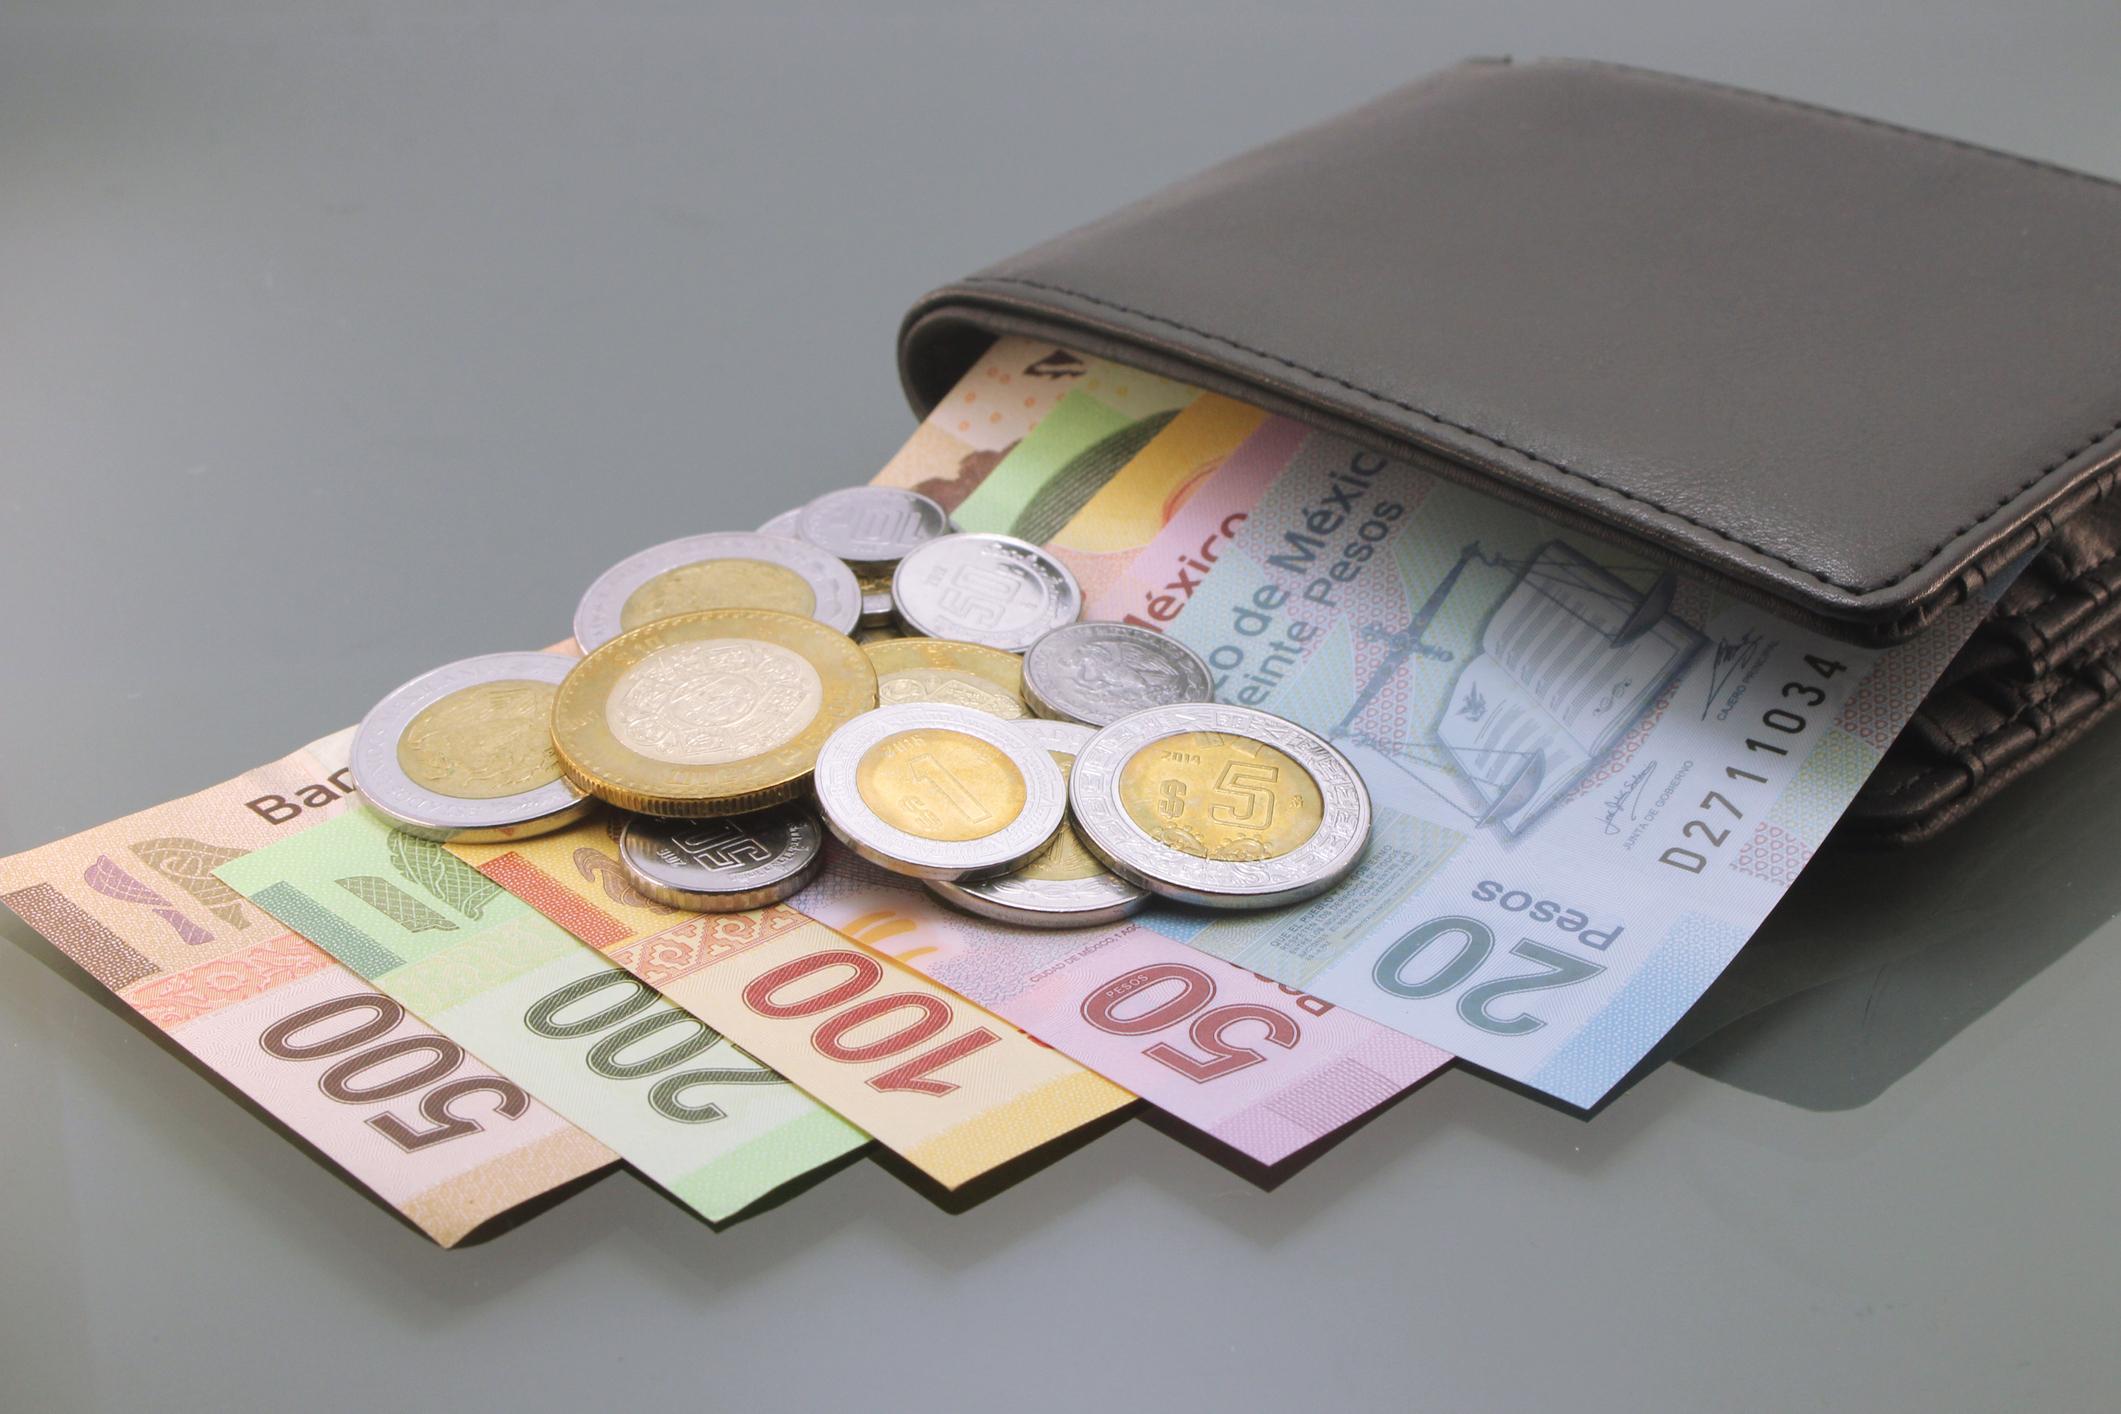 La ley banxico trasladará al banco de méxico el riesgo de lavado de dinero